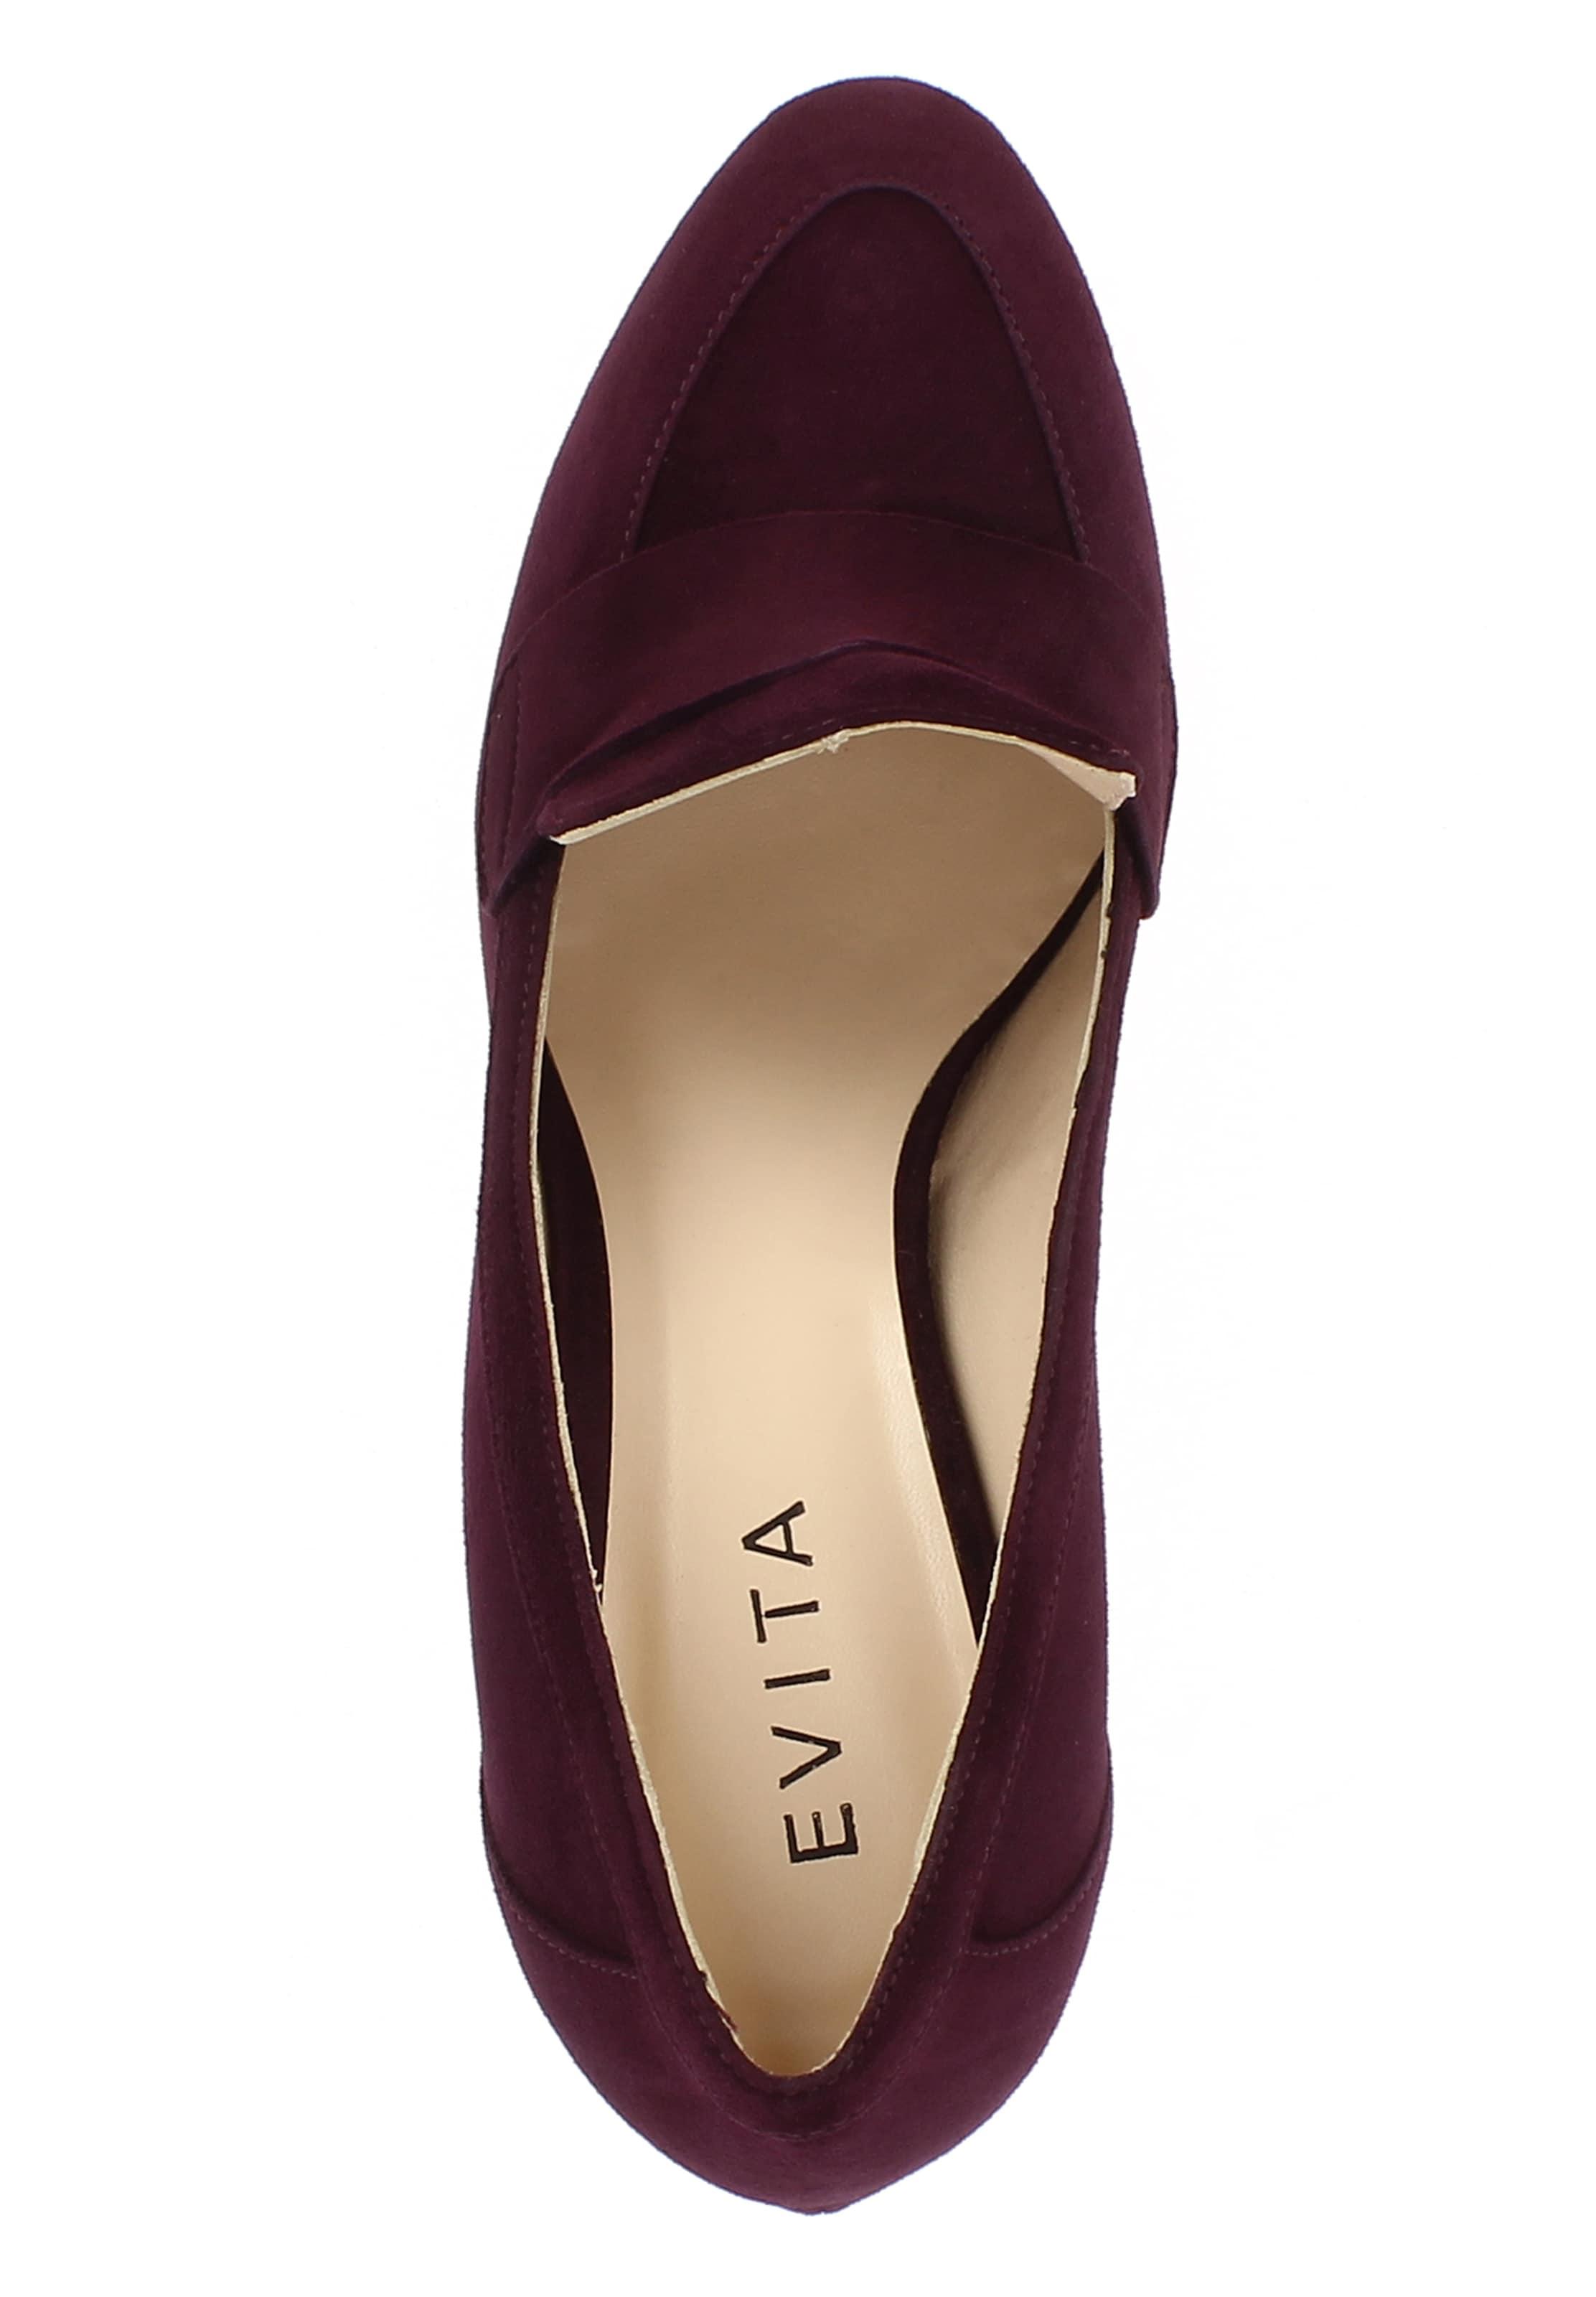 In Evita Pumps Bordeaux Pumps In 'nelly' Evita Bordeaux Pumps 'nelly' Evita derxWoCQB